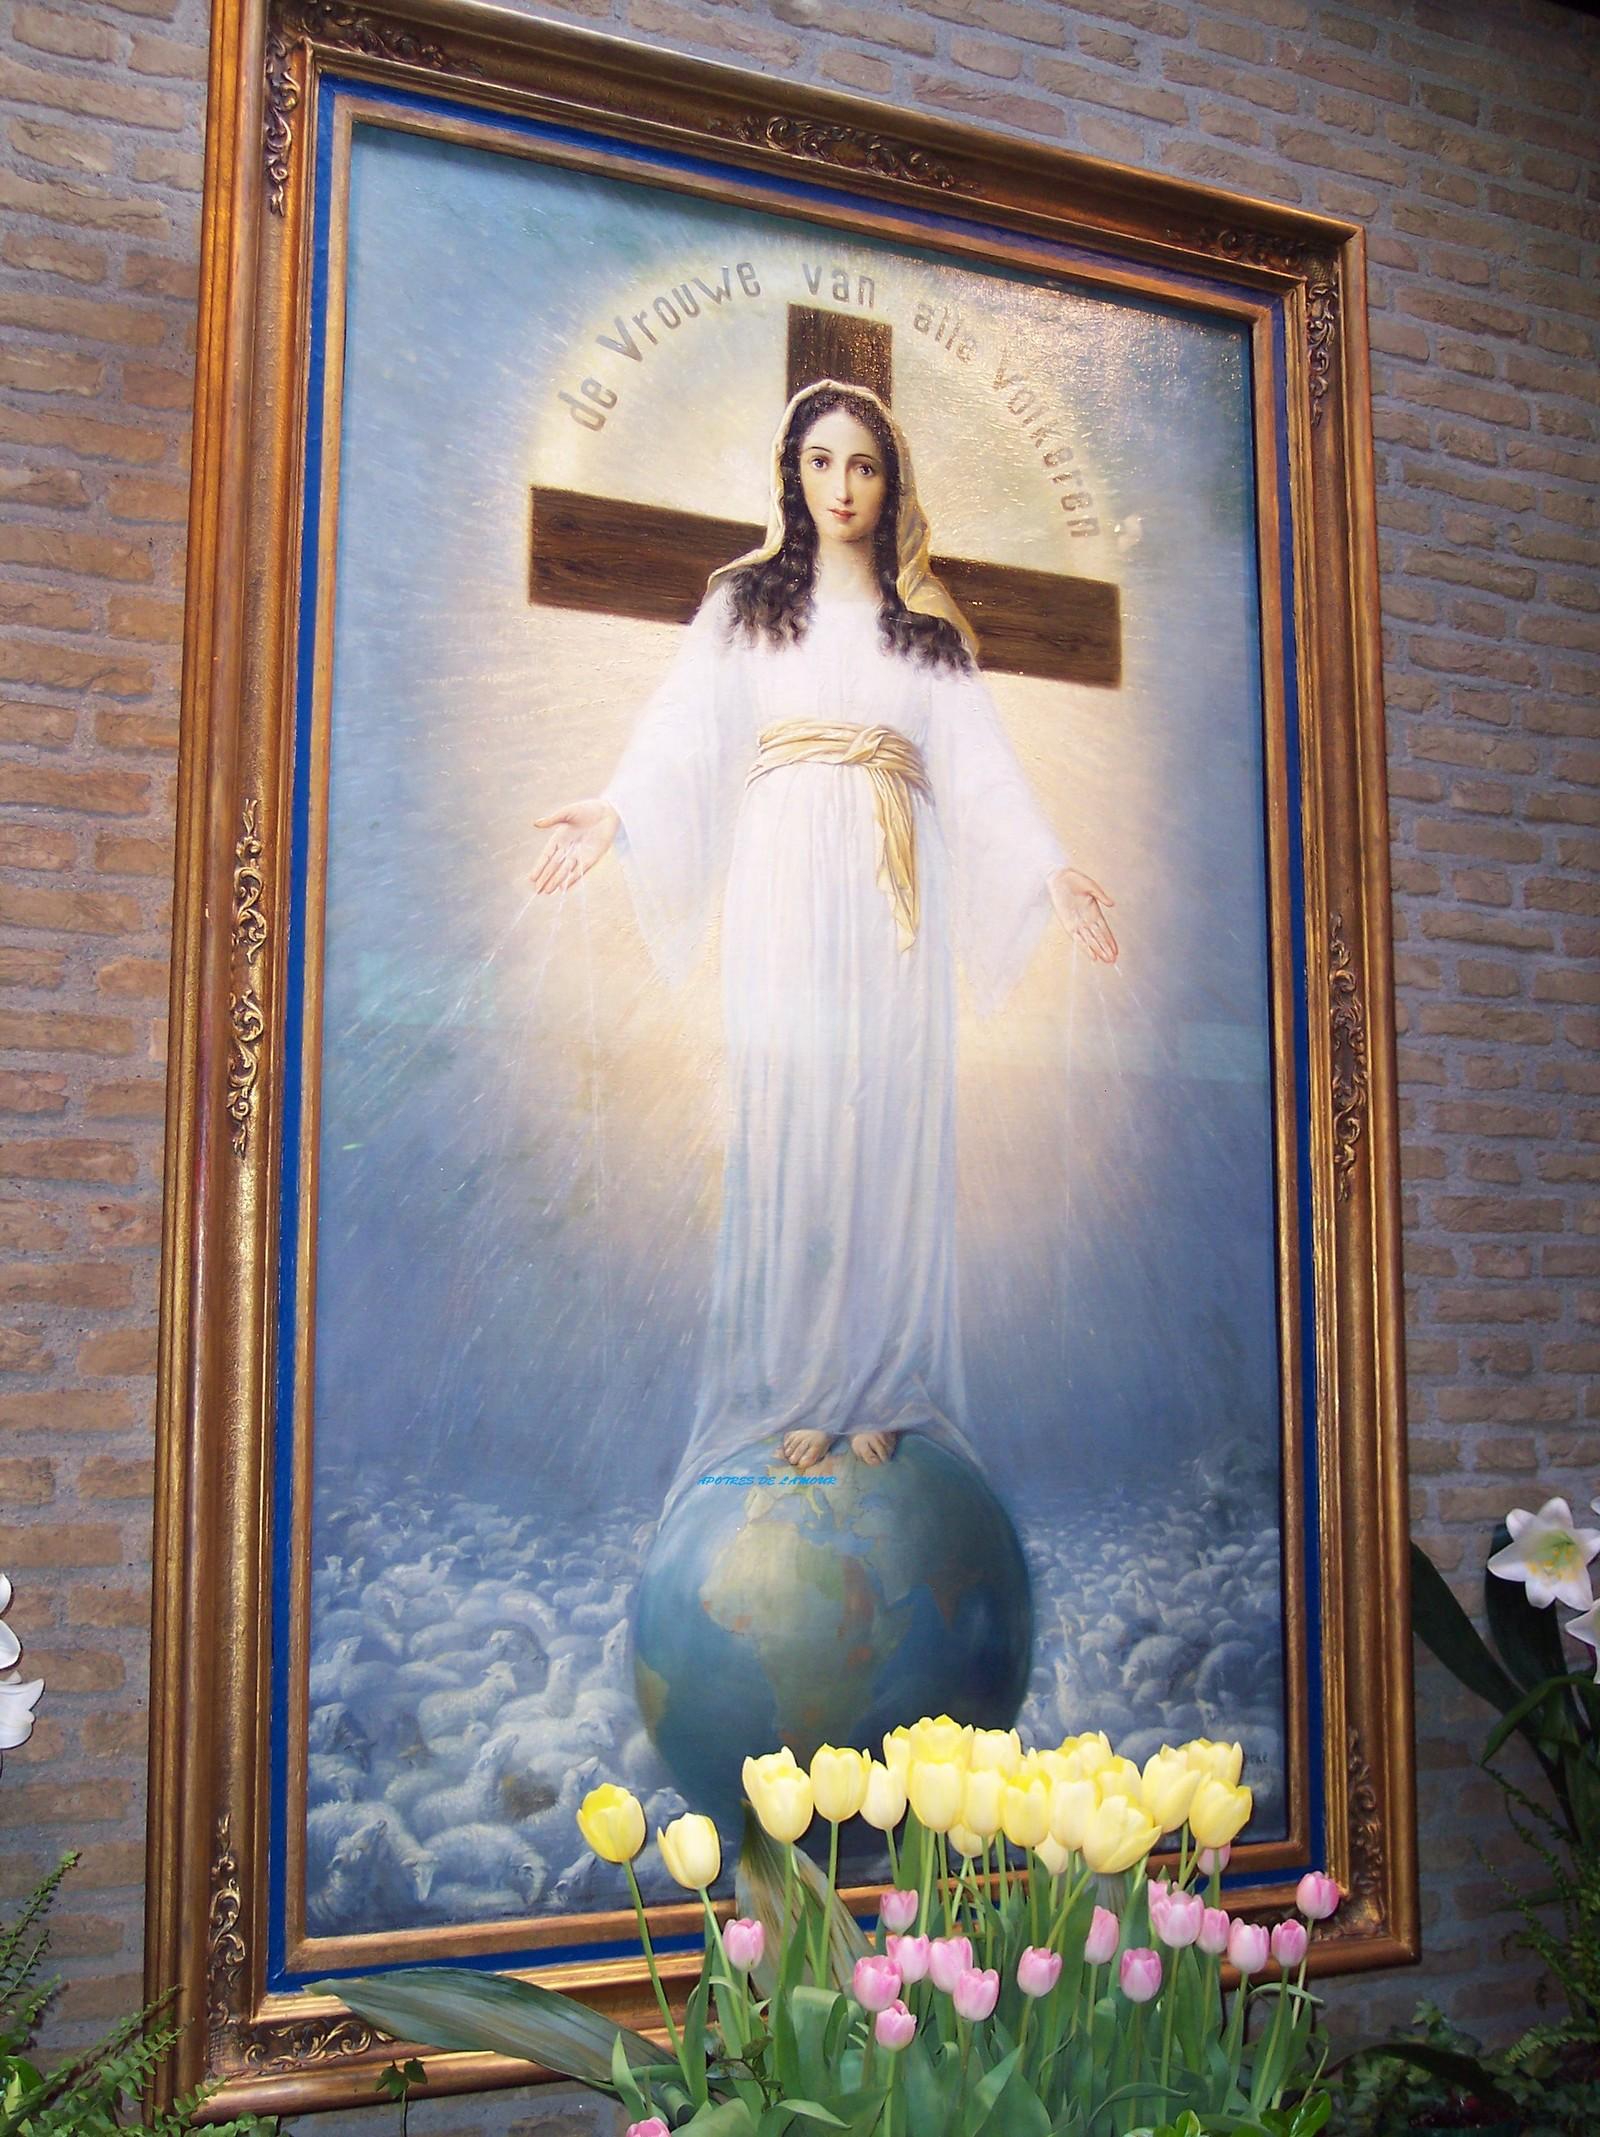 La Virgen se da el Título de Madre y Señora de Todos los Pueblos (11 de febrero)